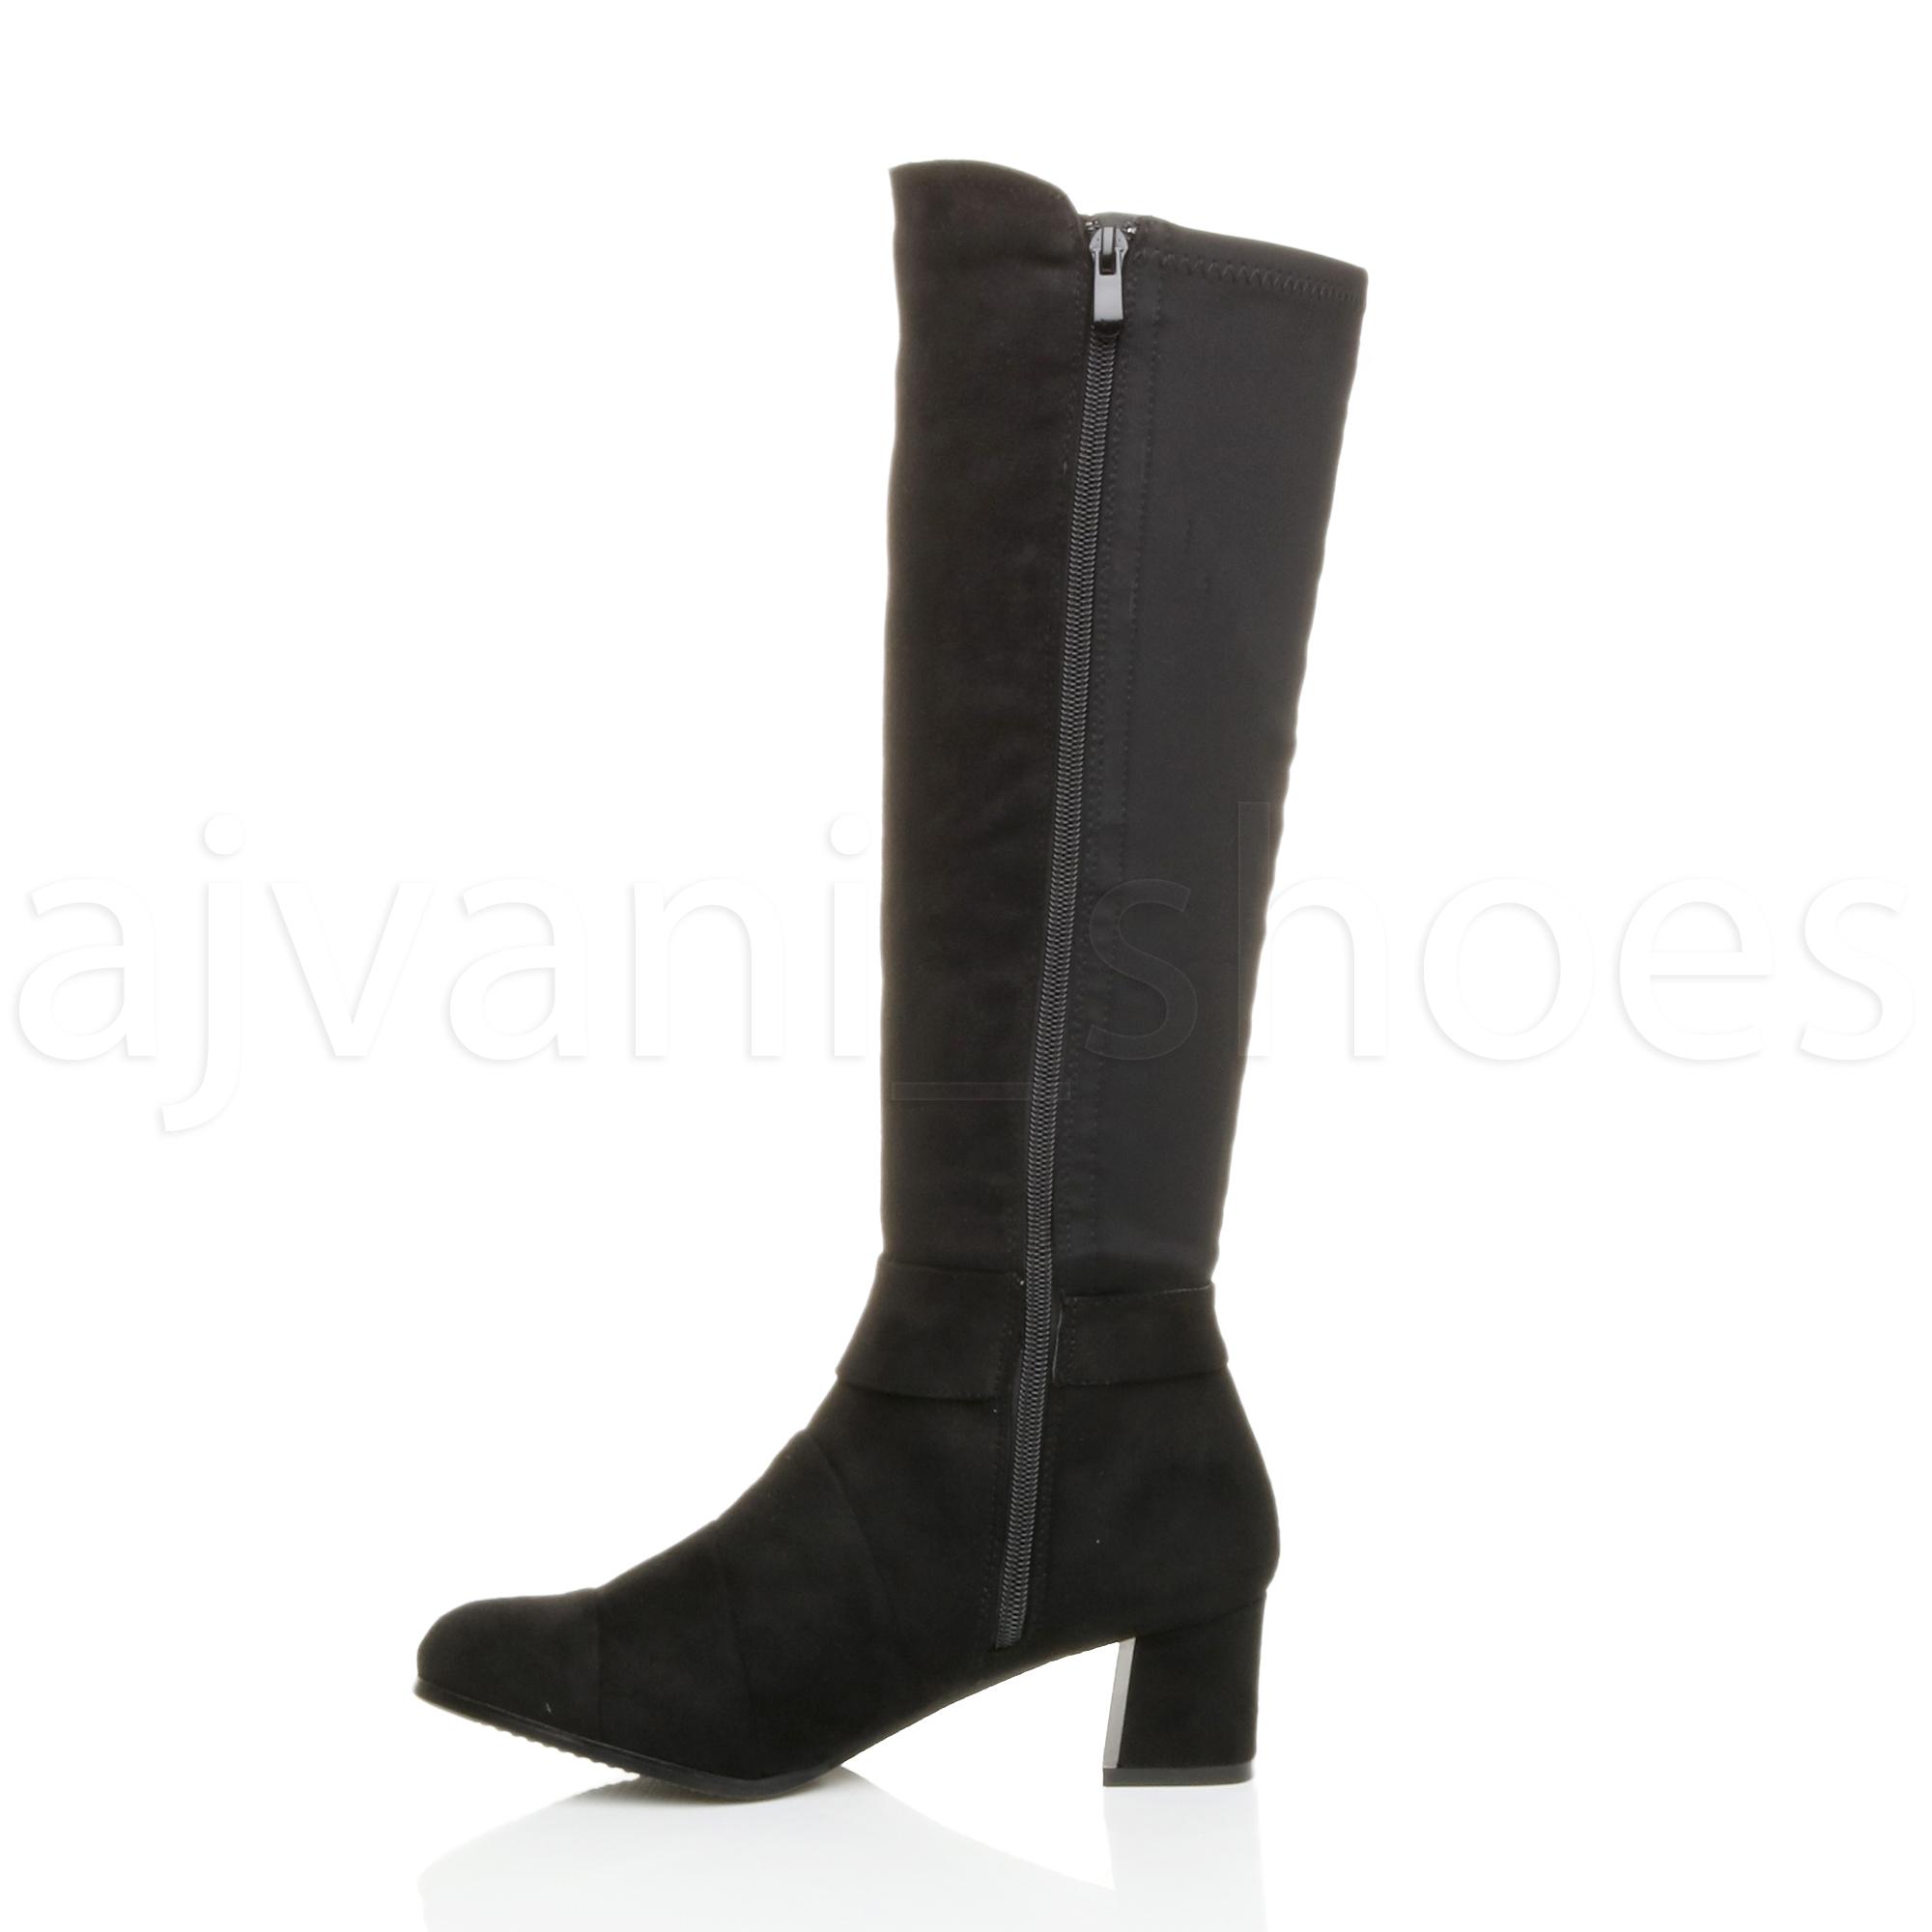 Damen Damen Damen Mittelblockabsatz Reißverschluss Elastisch Schicht Wadenhohe Stiefel Größe b62fd0